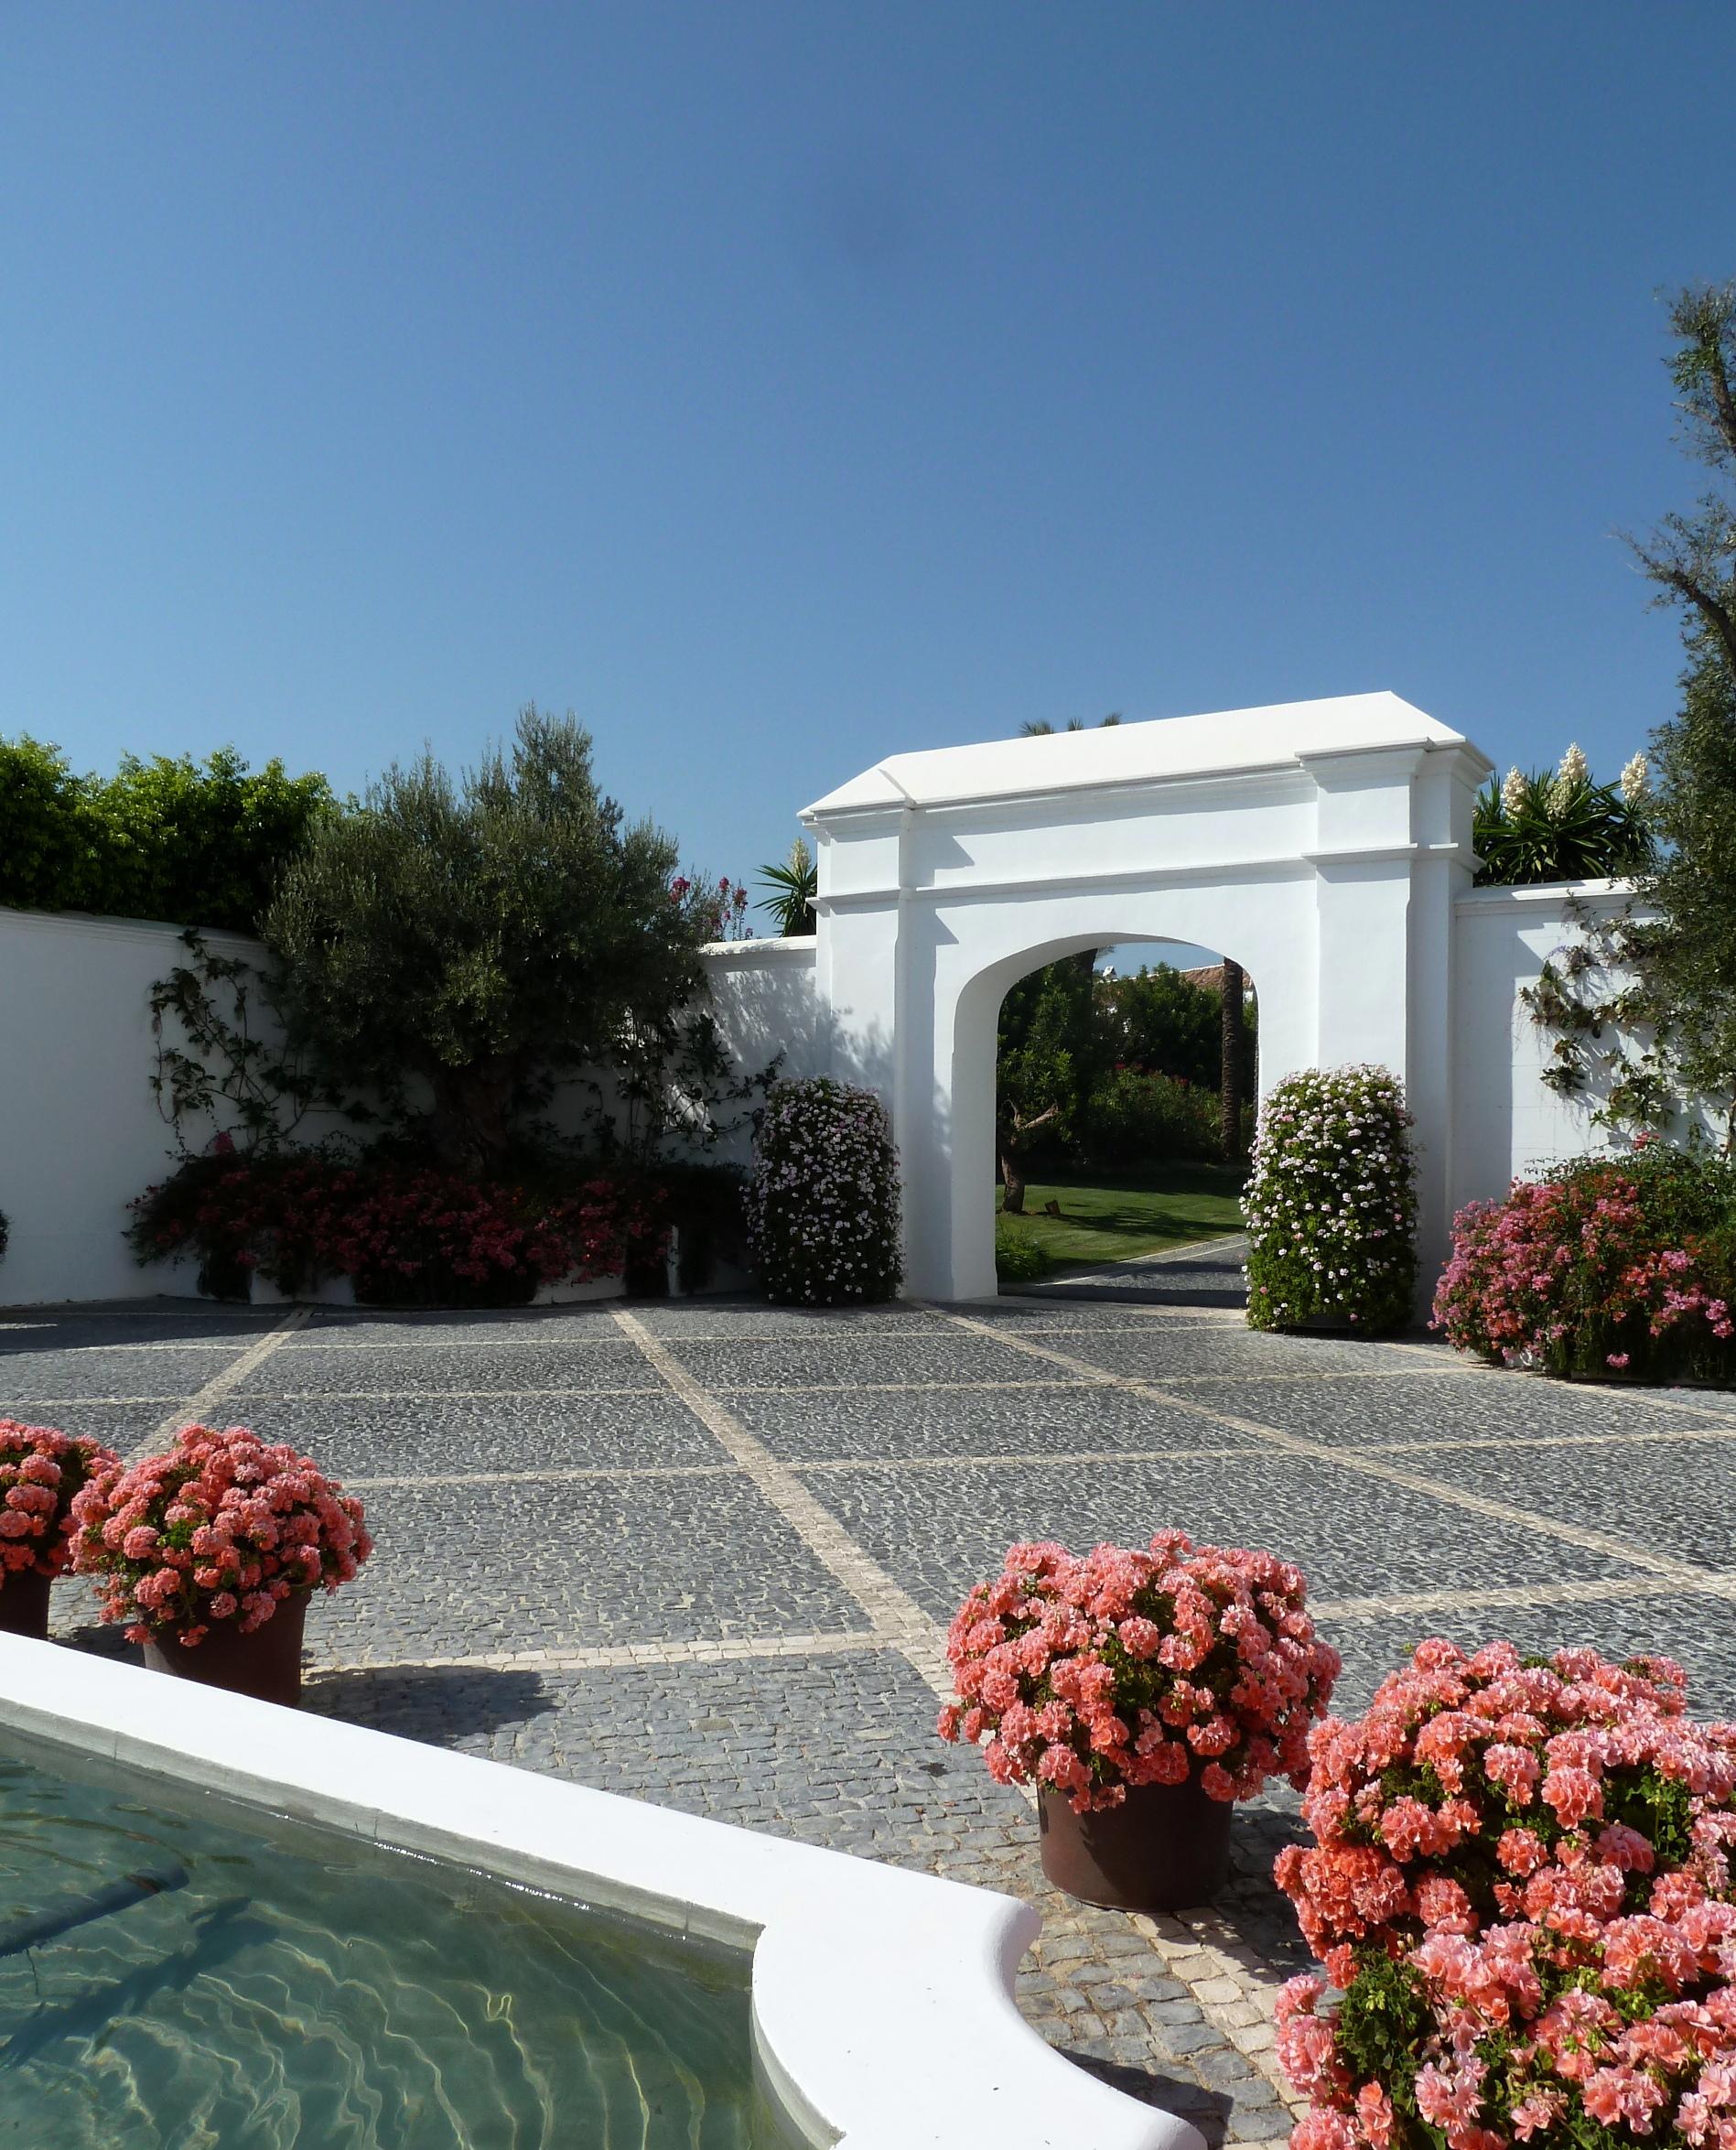 Forecourt_Hotel_Finca_Cortesin_Casares_copyright_www.andrewforbes.com